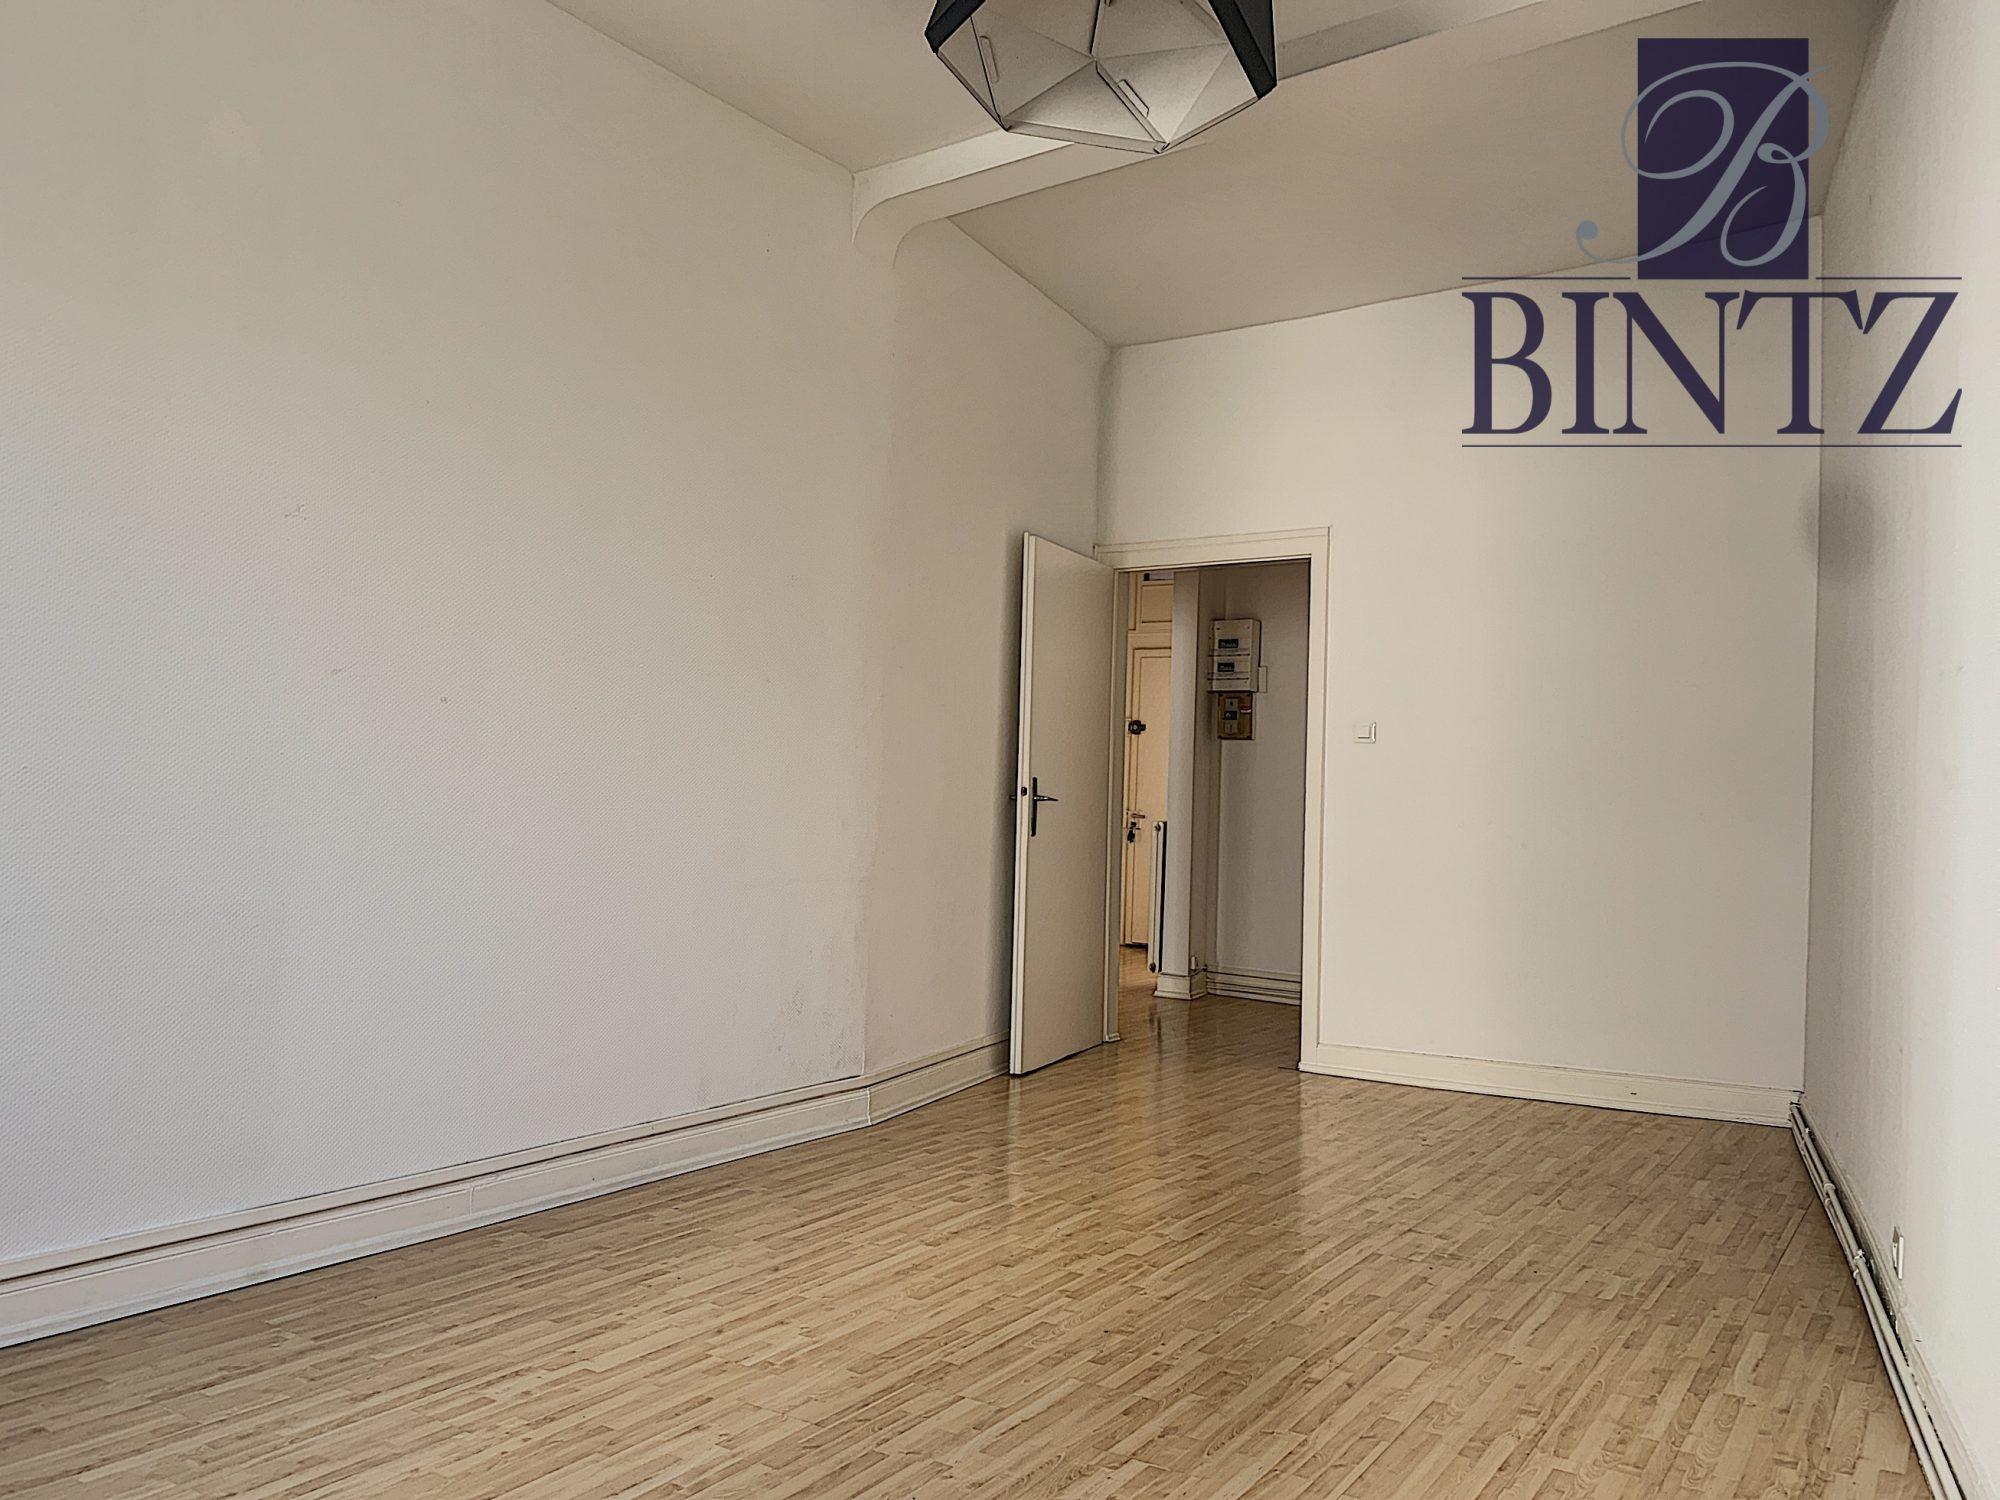 2 PIÈCES RUE DE ZURICH - Devenez locataire en toute sérénité - Bintz Immobilier - 6